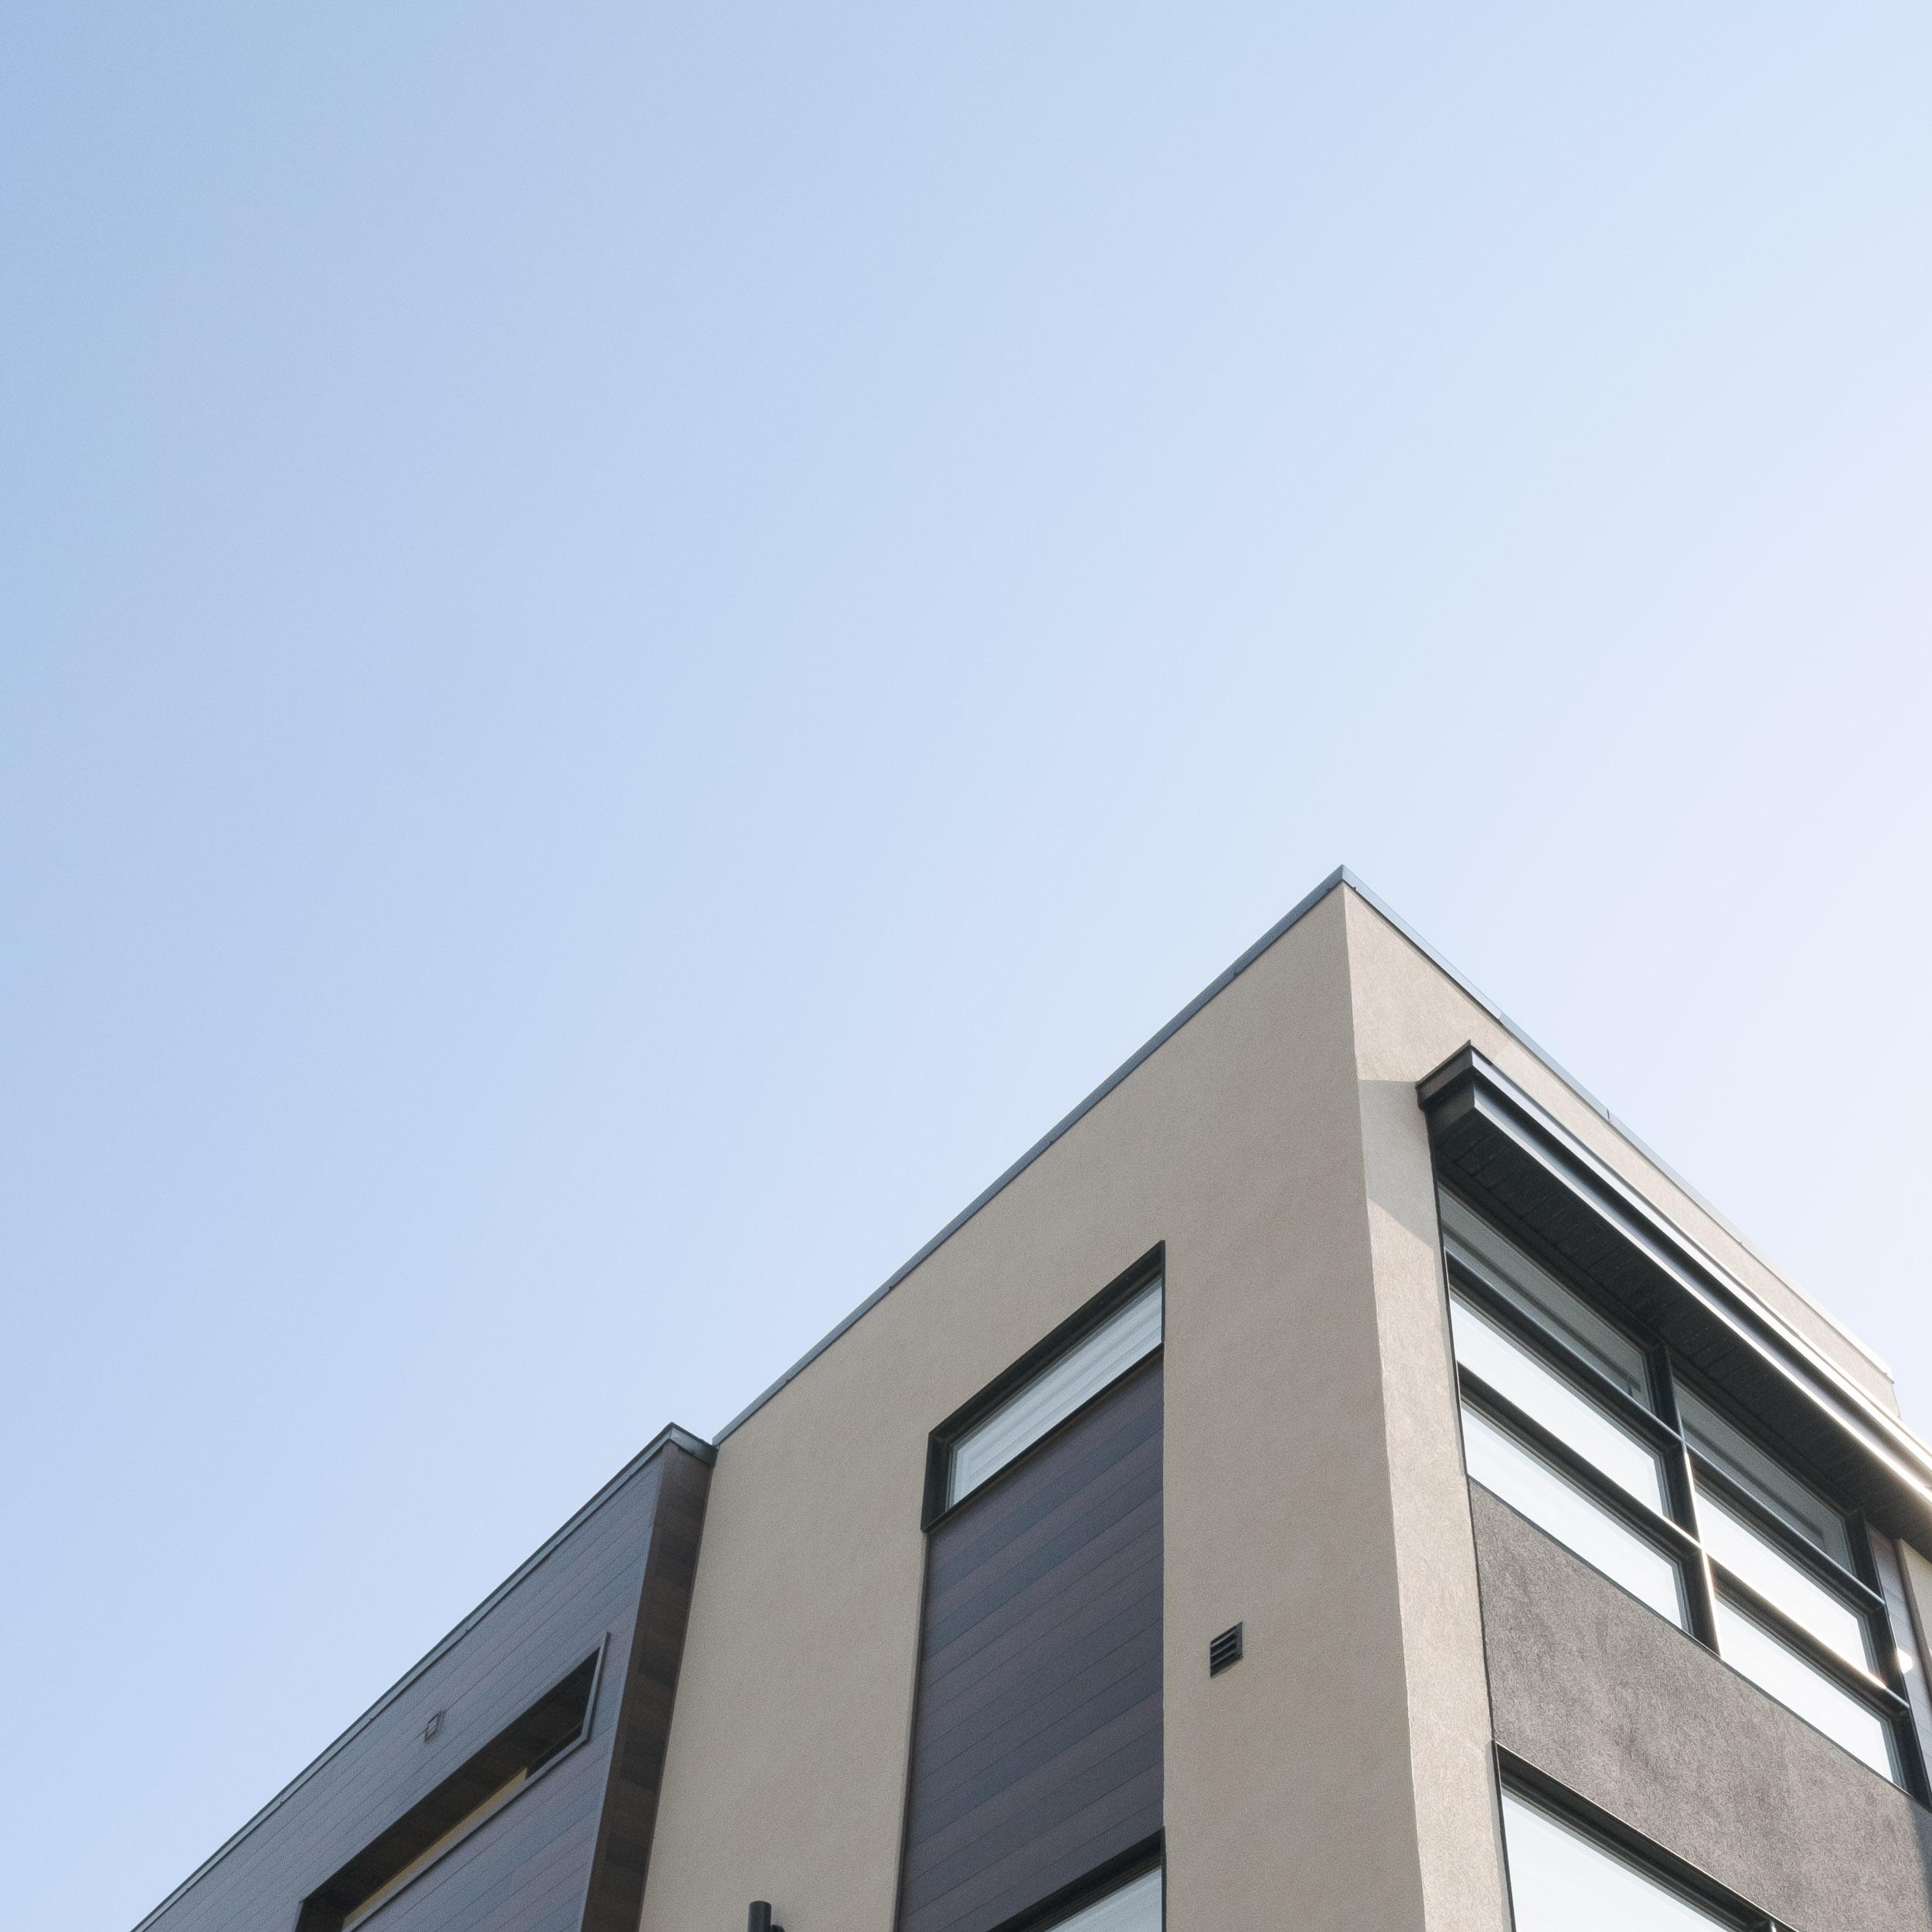 Josee_Marino_Phorographe_Architecture_Montreal-8.jpg